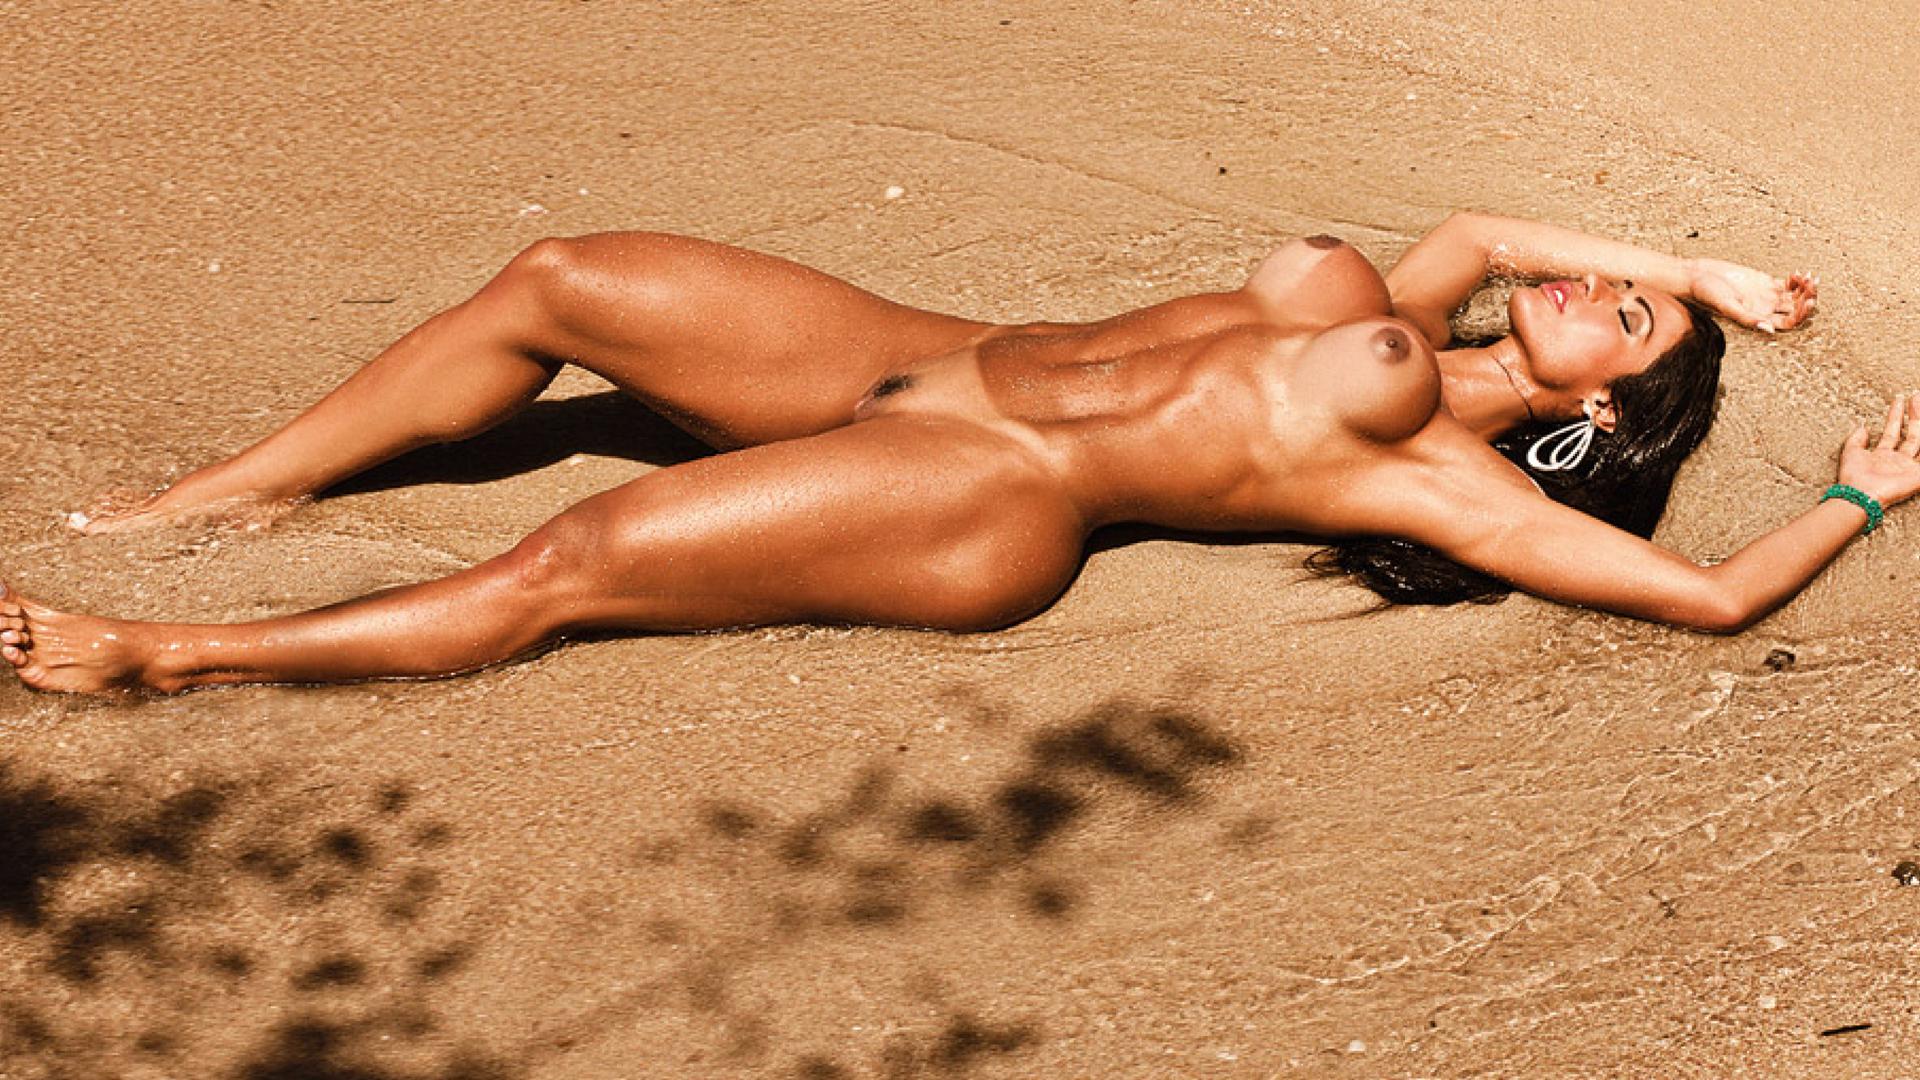 Фото голой мускулистой девушки, Голые культуристки - сексуальные голые девушки качки 3 фотография